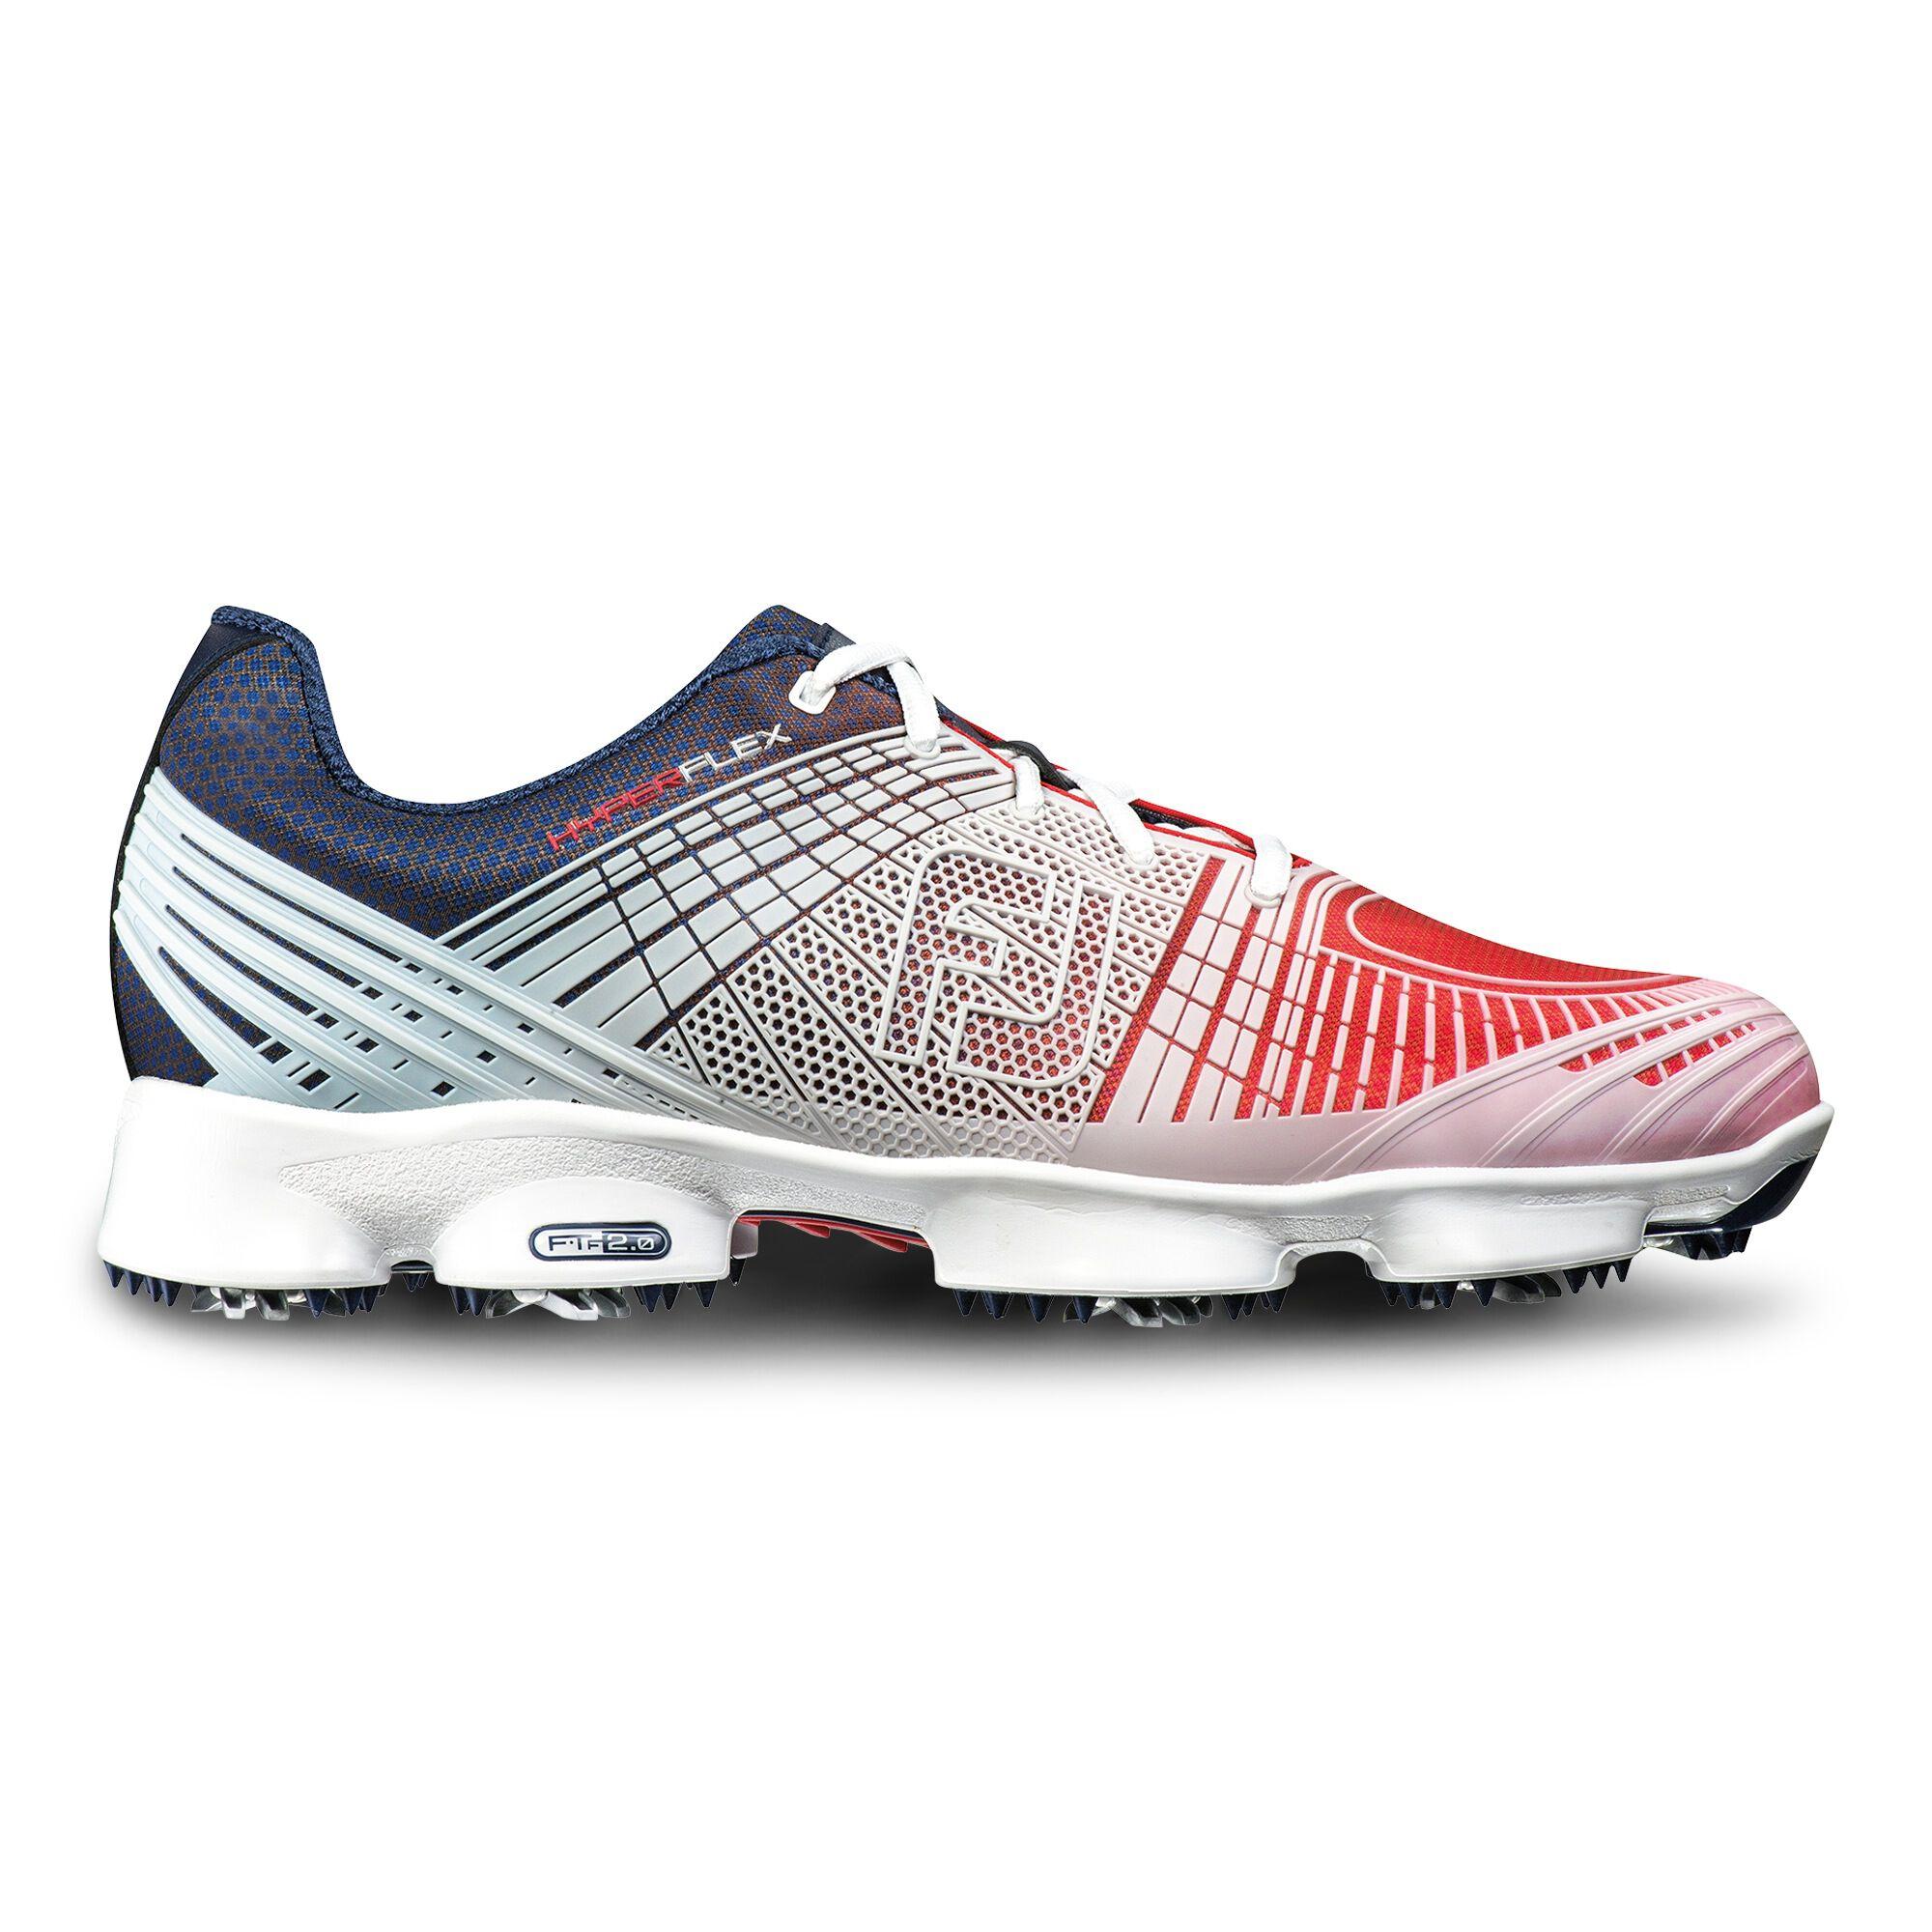 Adidas AdiZero Tour Golf Shoe Review Golfalot